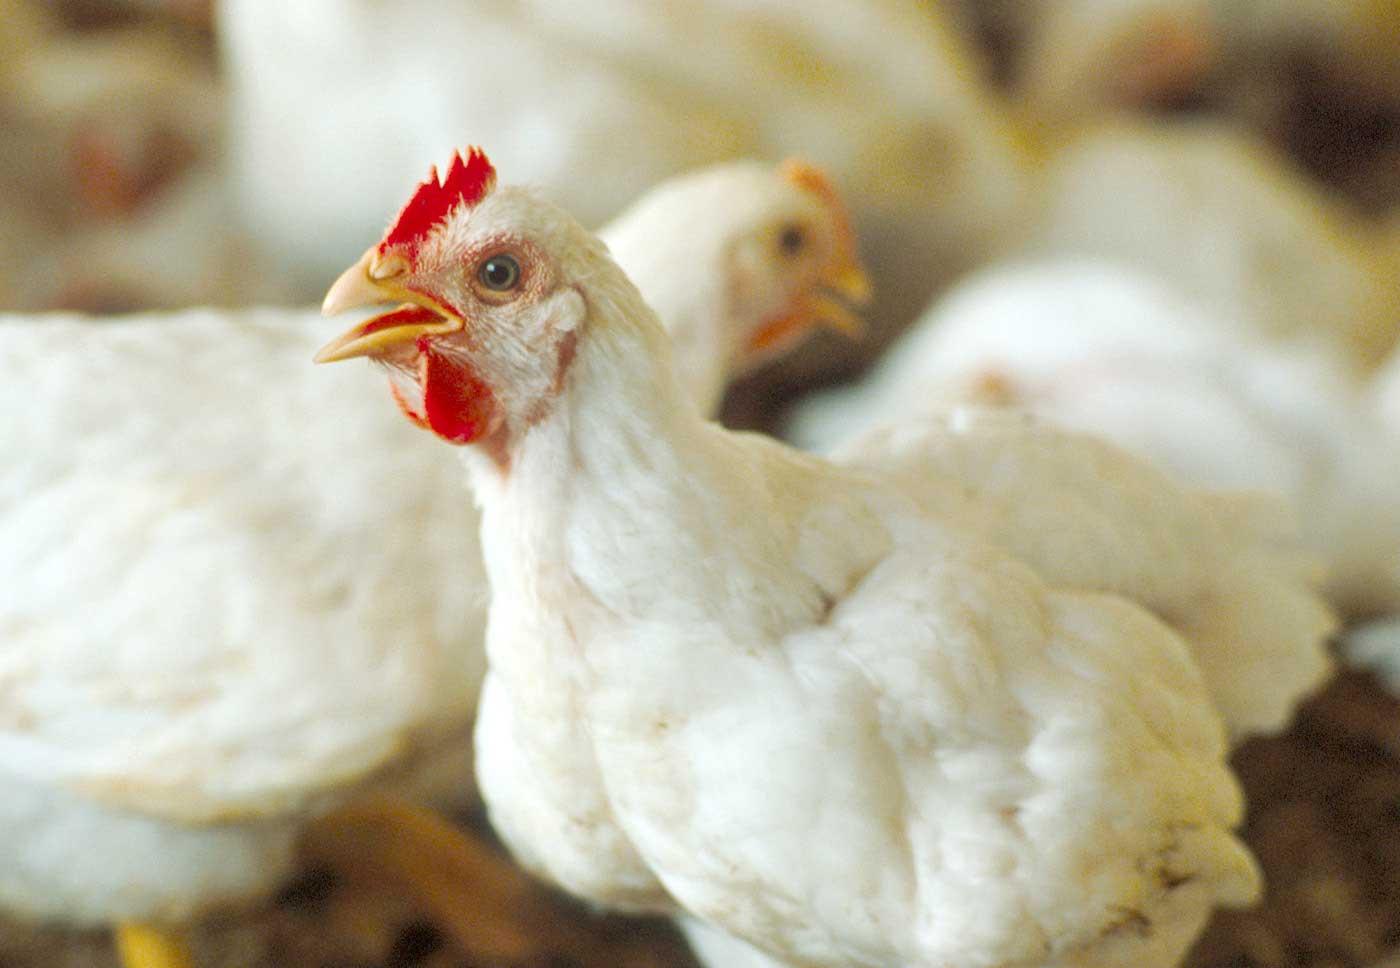 بورصة الدواجن.. سعر الكتكوت الأبيض اليوم الإثنين 19 أبريل وسعر الفراخ وكتاكيت البط الآن 6